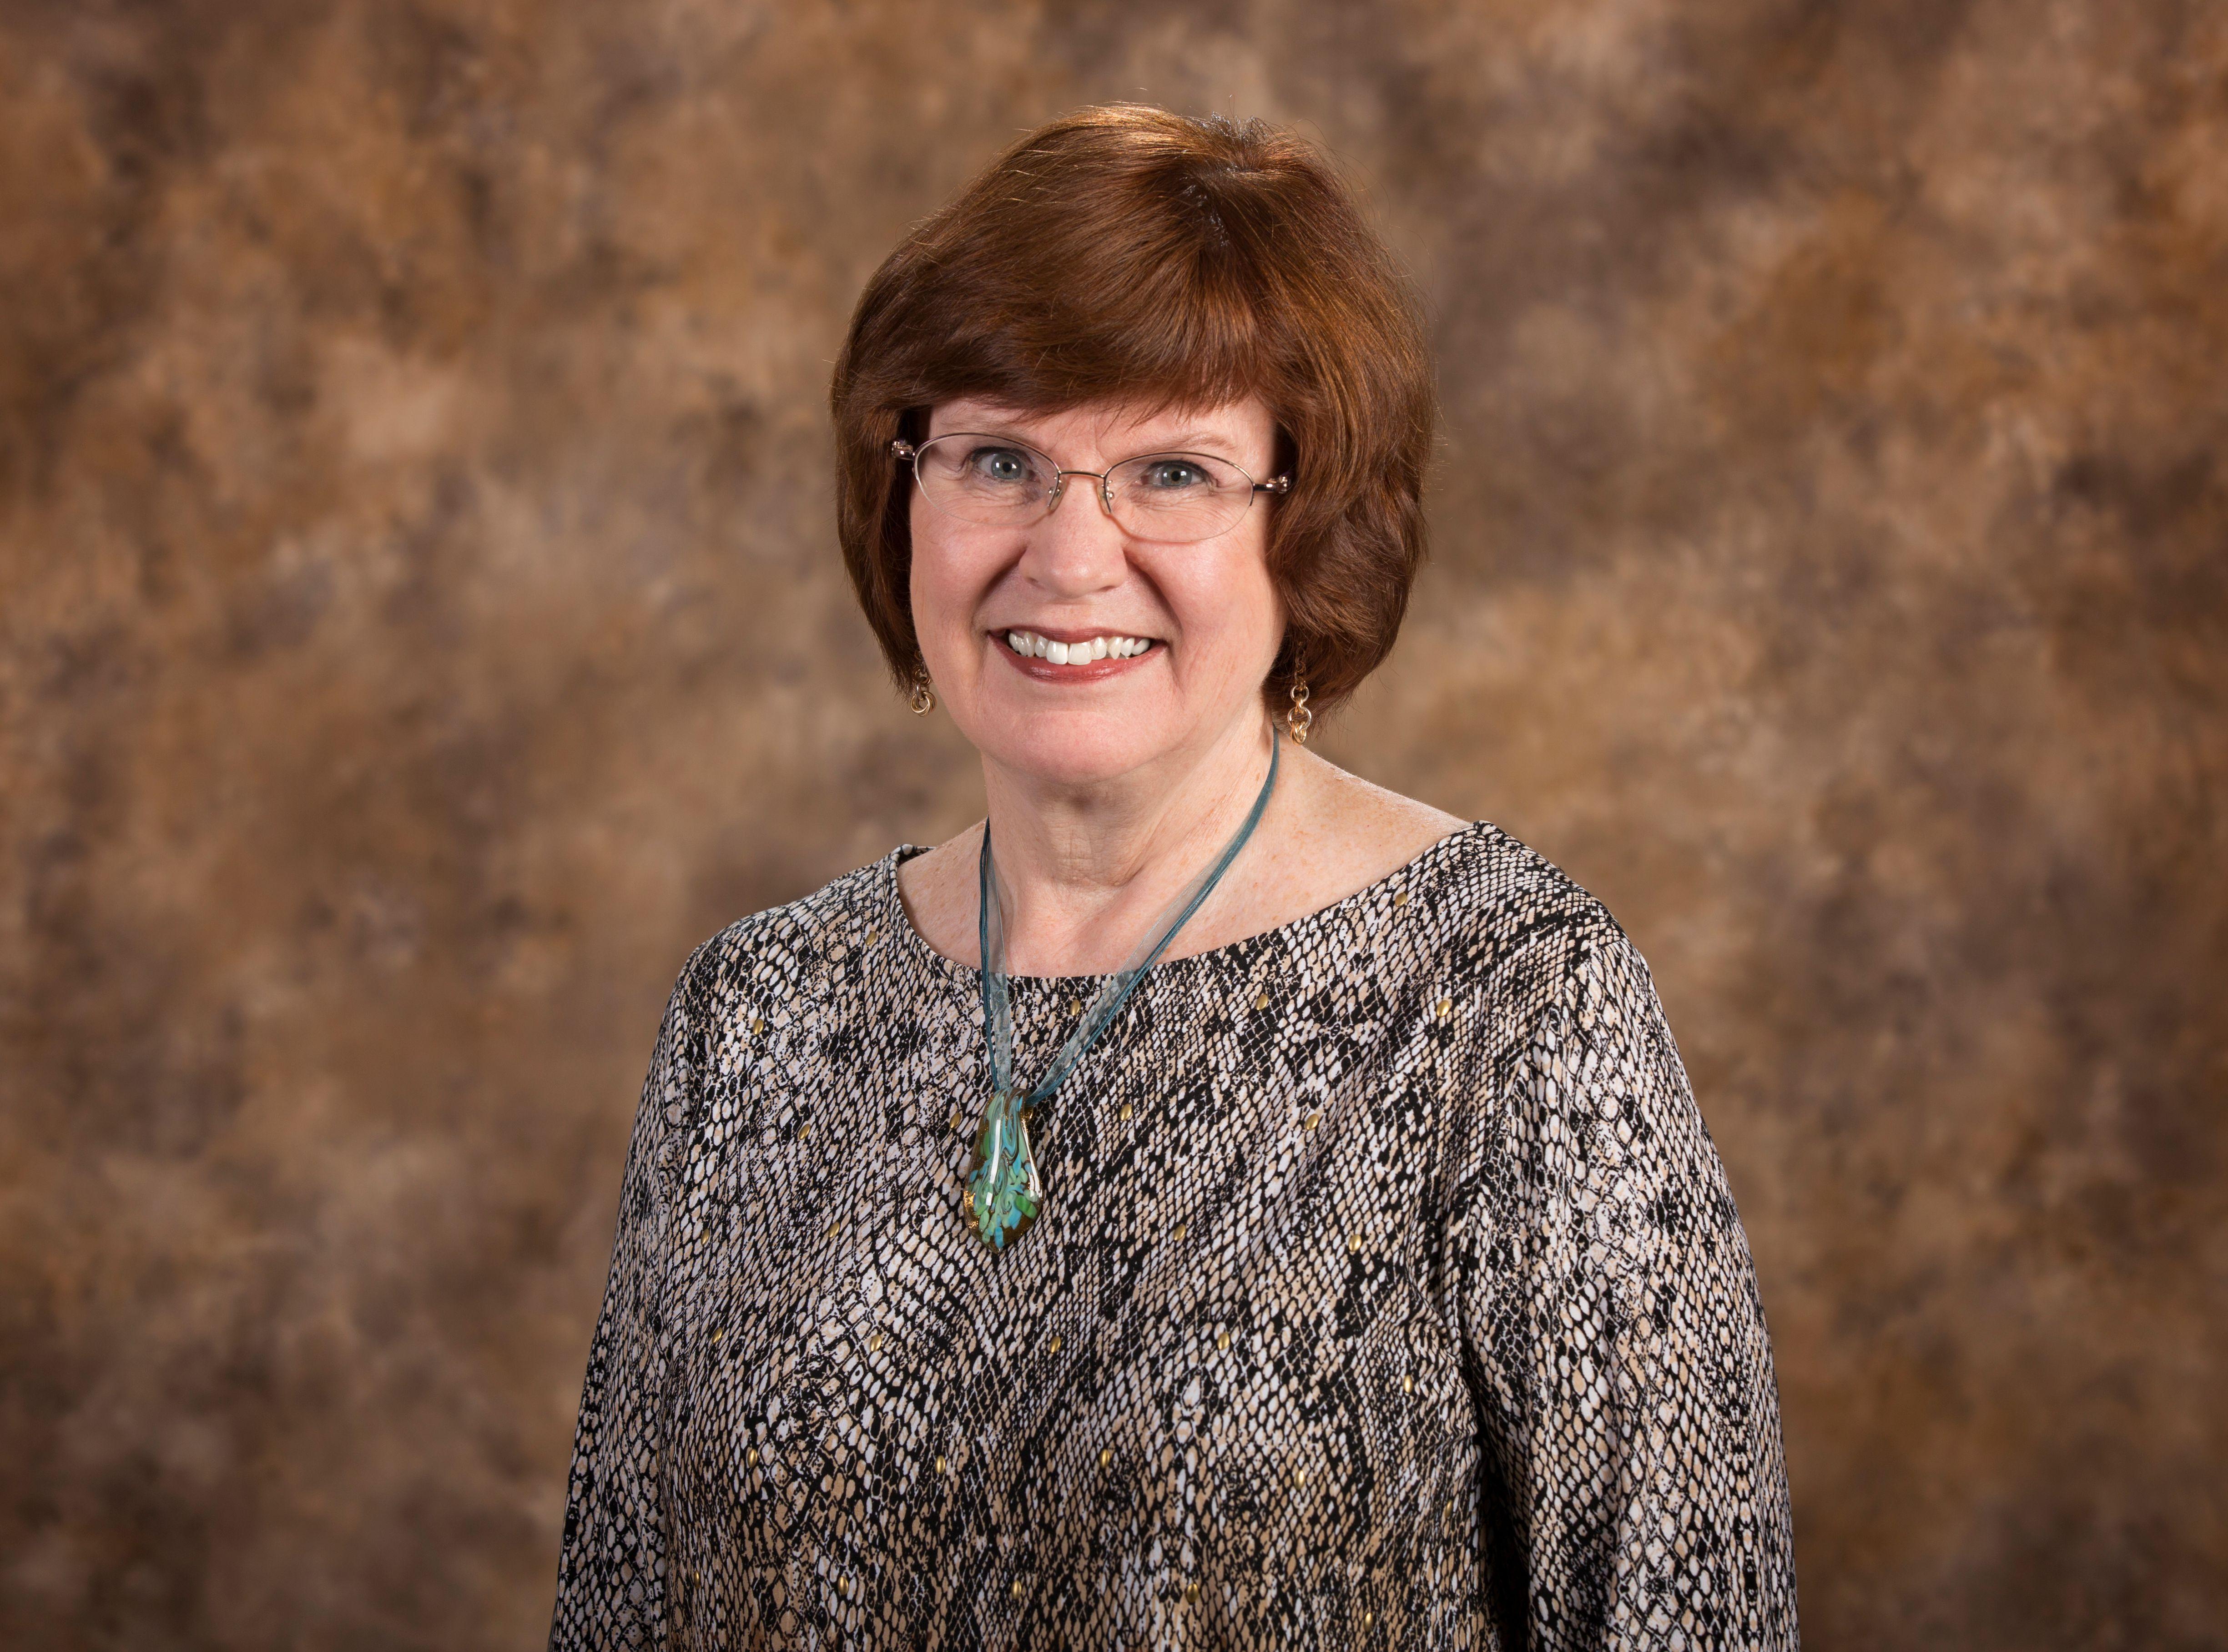 Margaret Blohm